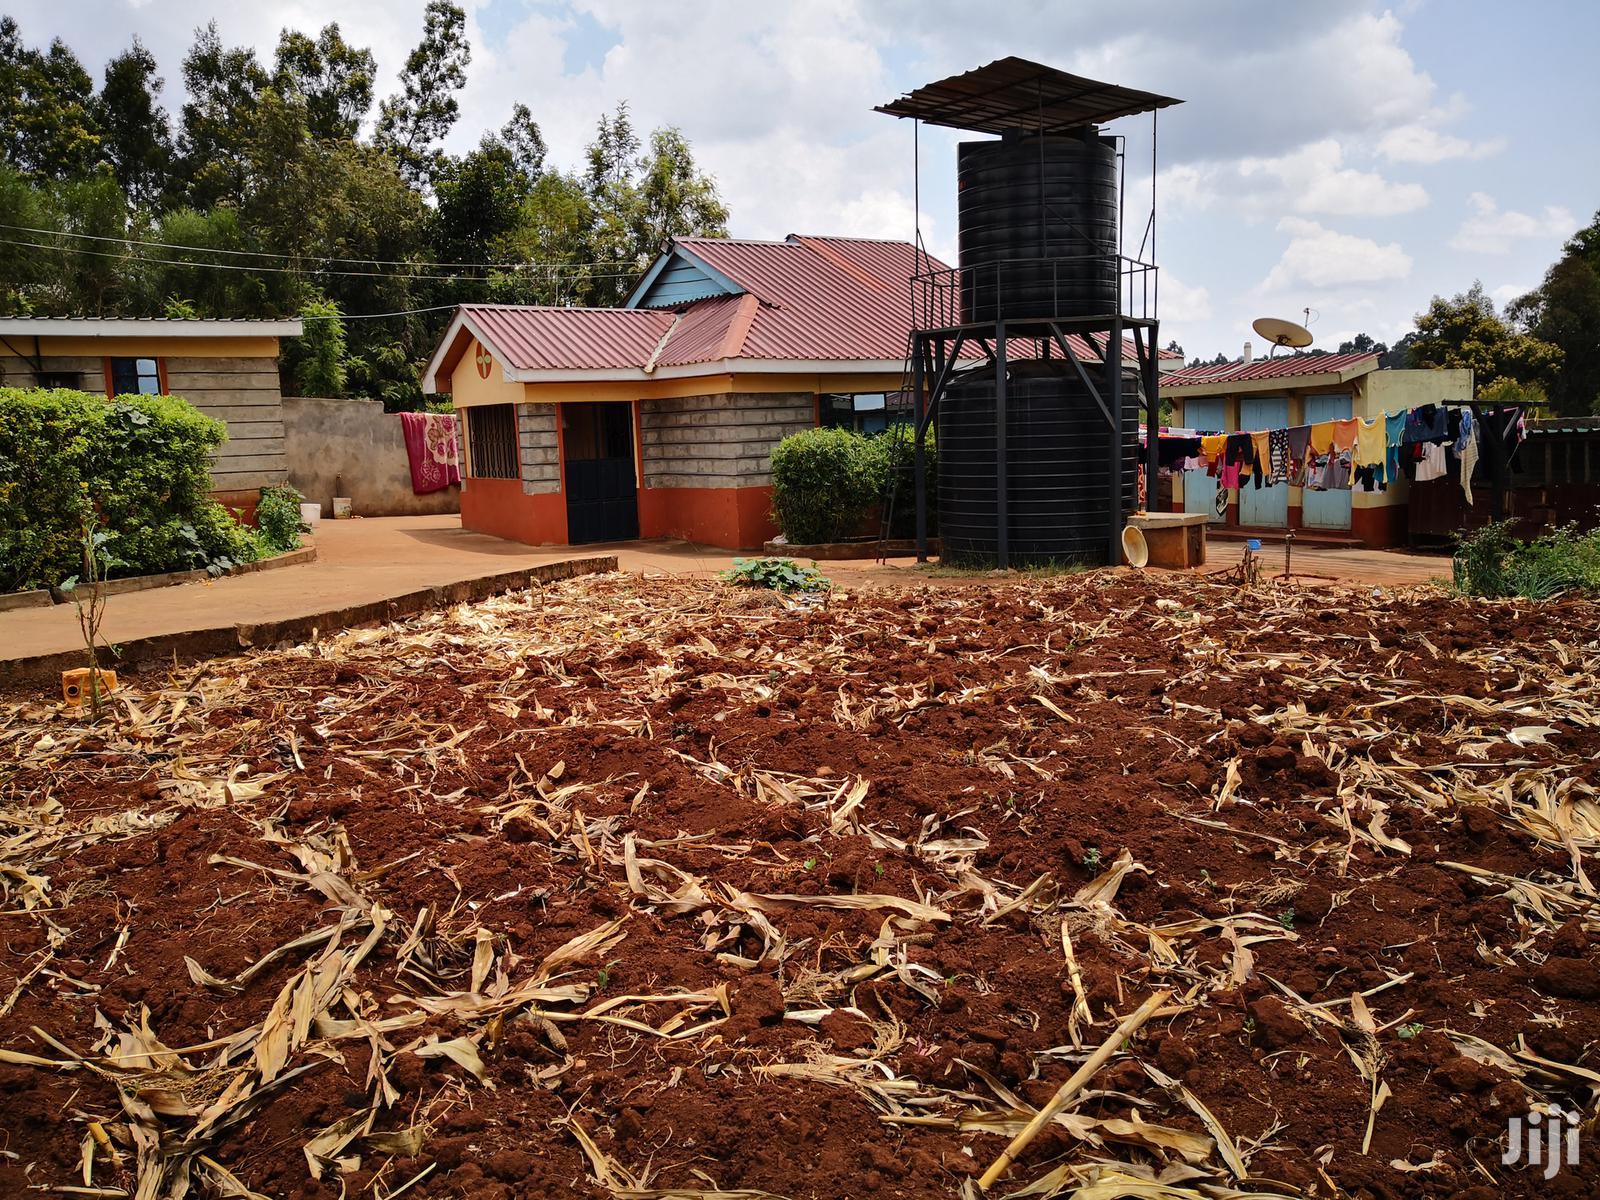 3 Bedrooms Bungalow in Gikambura Kikuyu Kiambu for Sale.